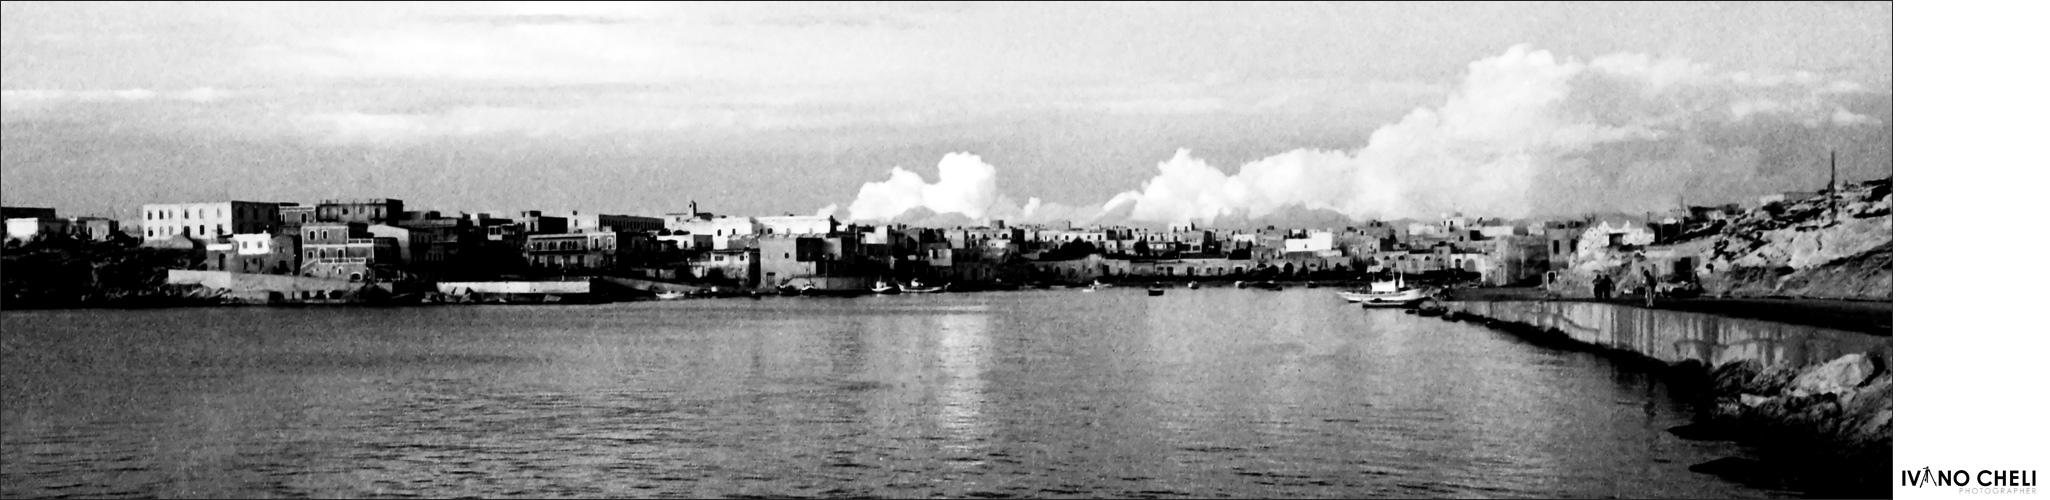 1979 - Lampedusa BW#2